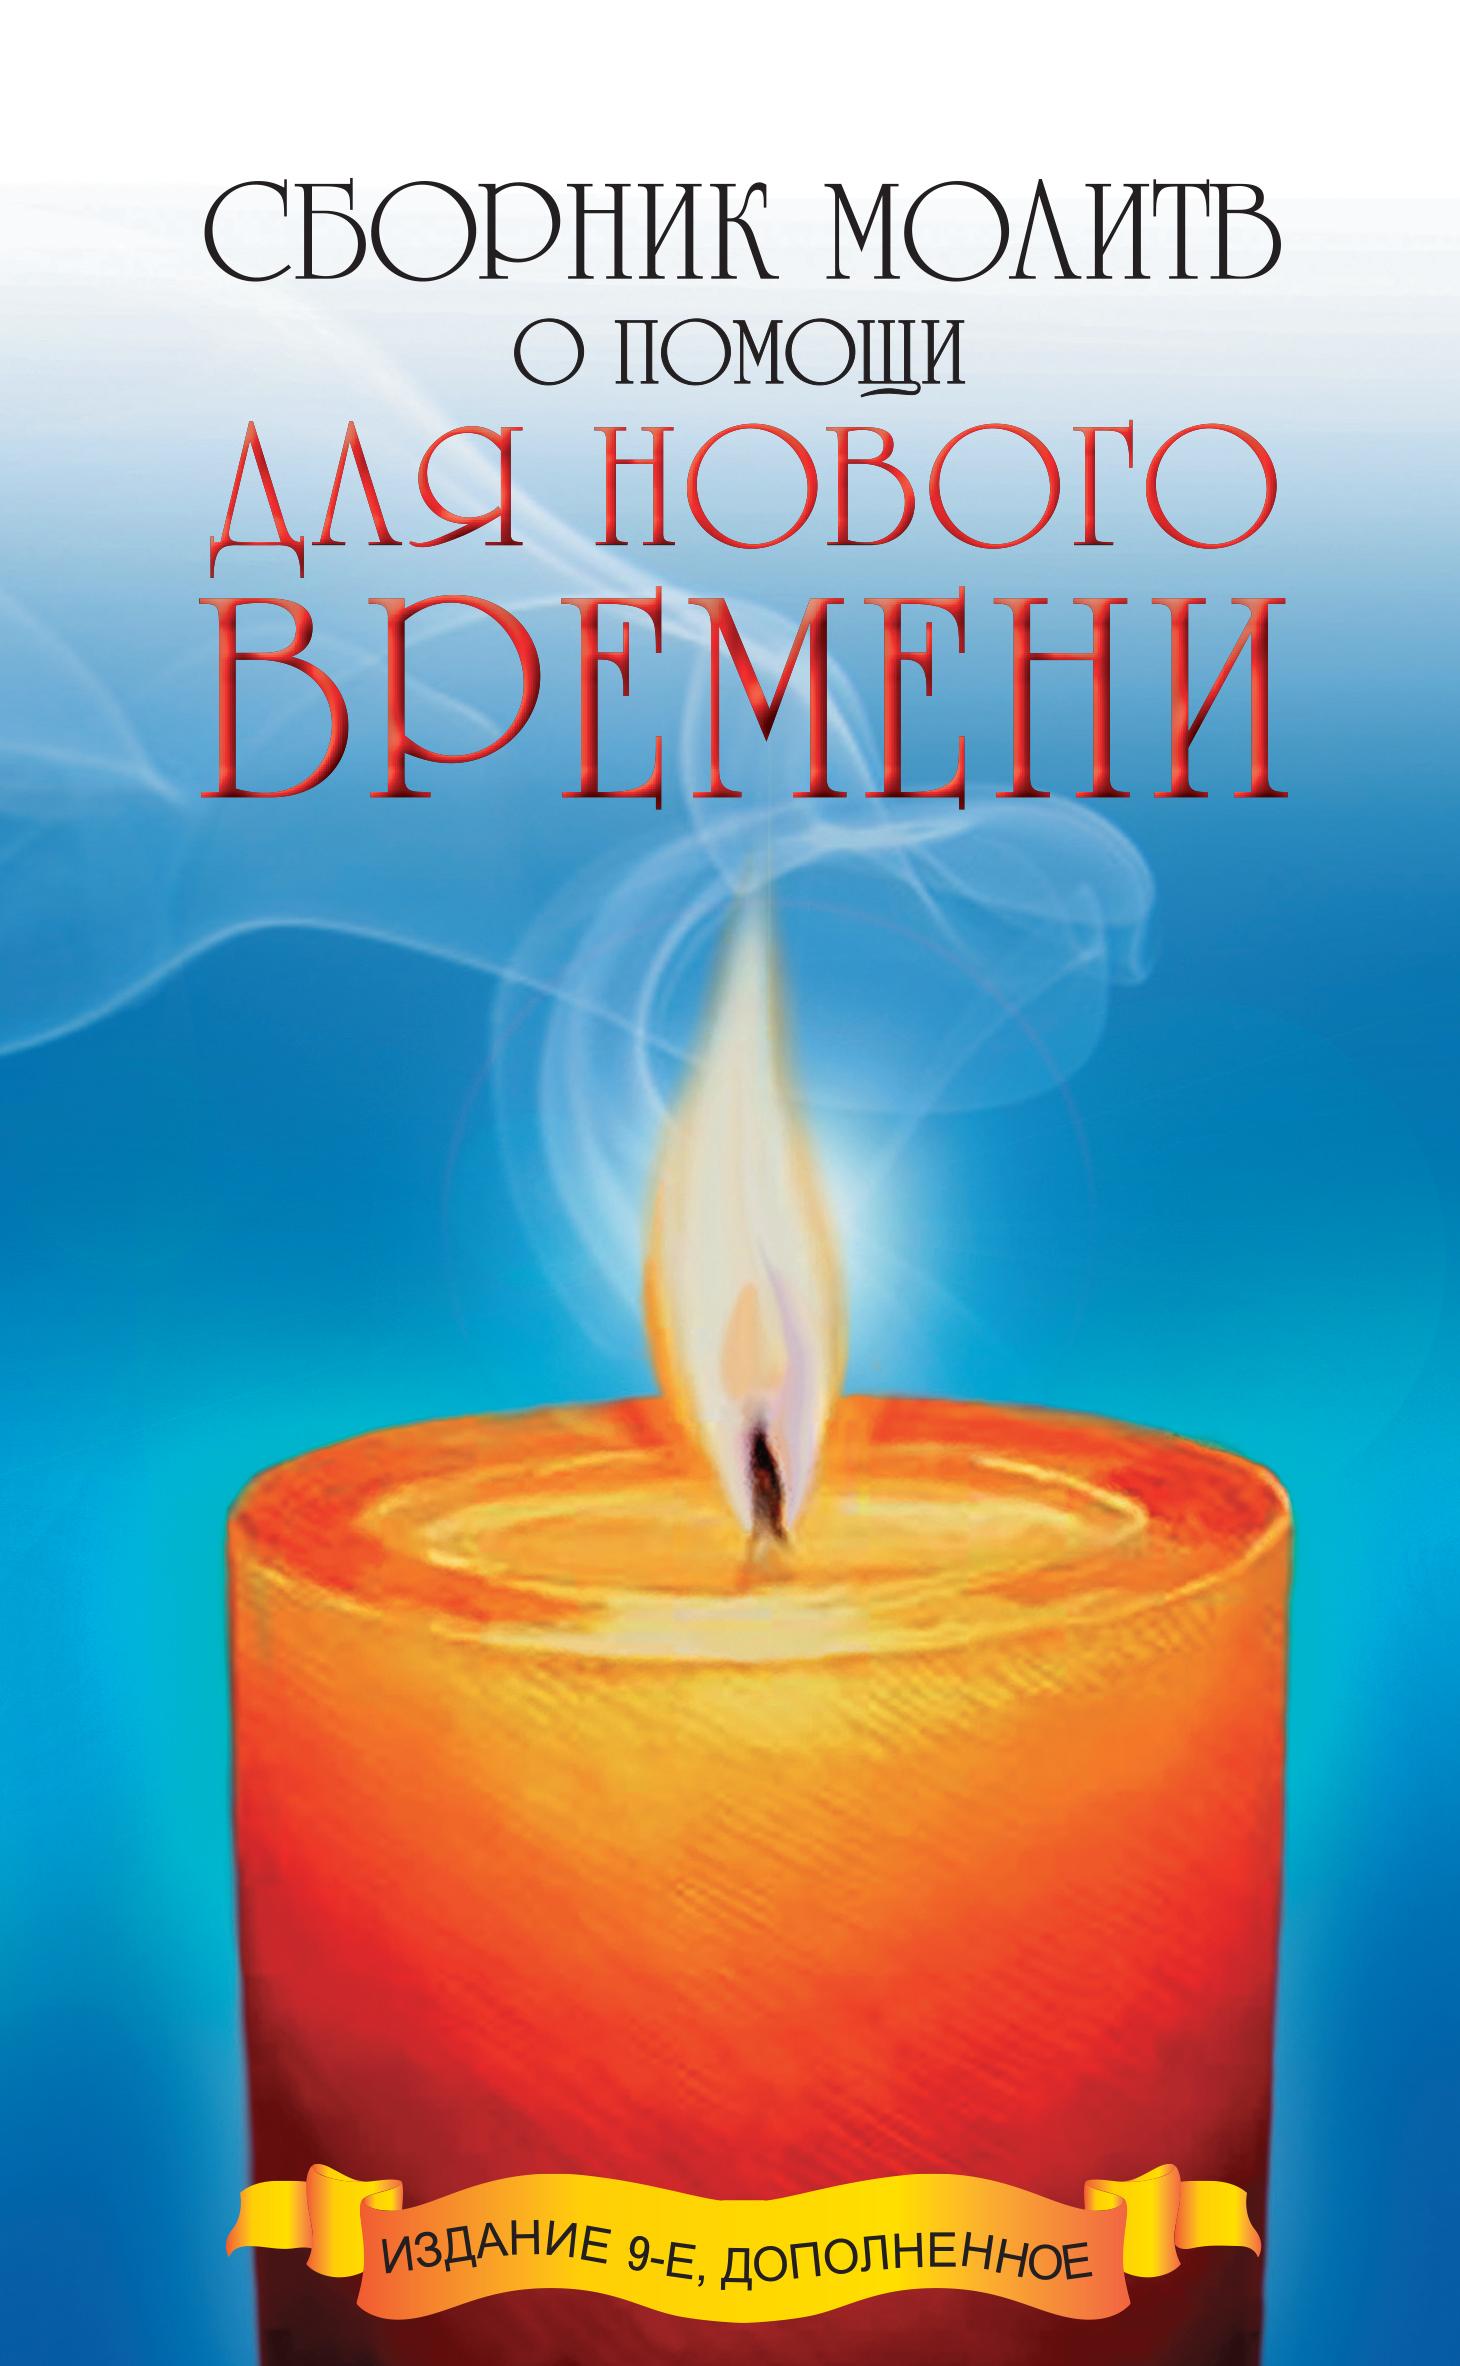 Сборник молитв о помощи для Нового времени. 9-е изд.